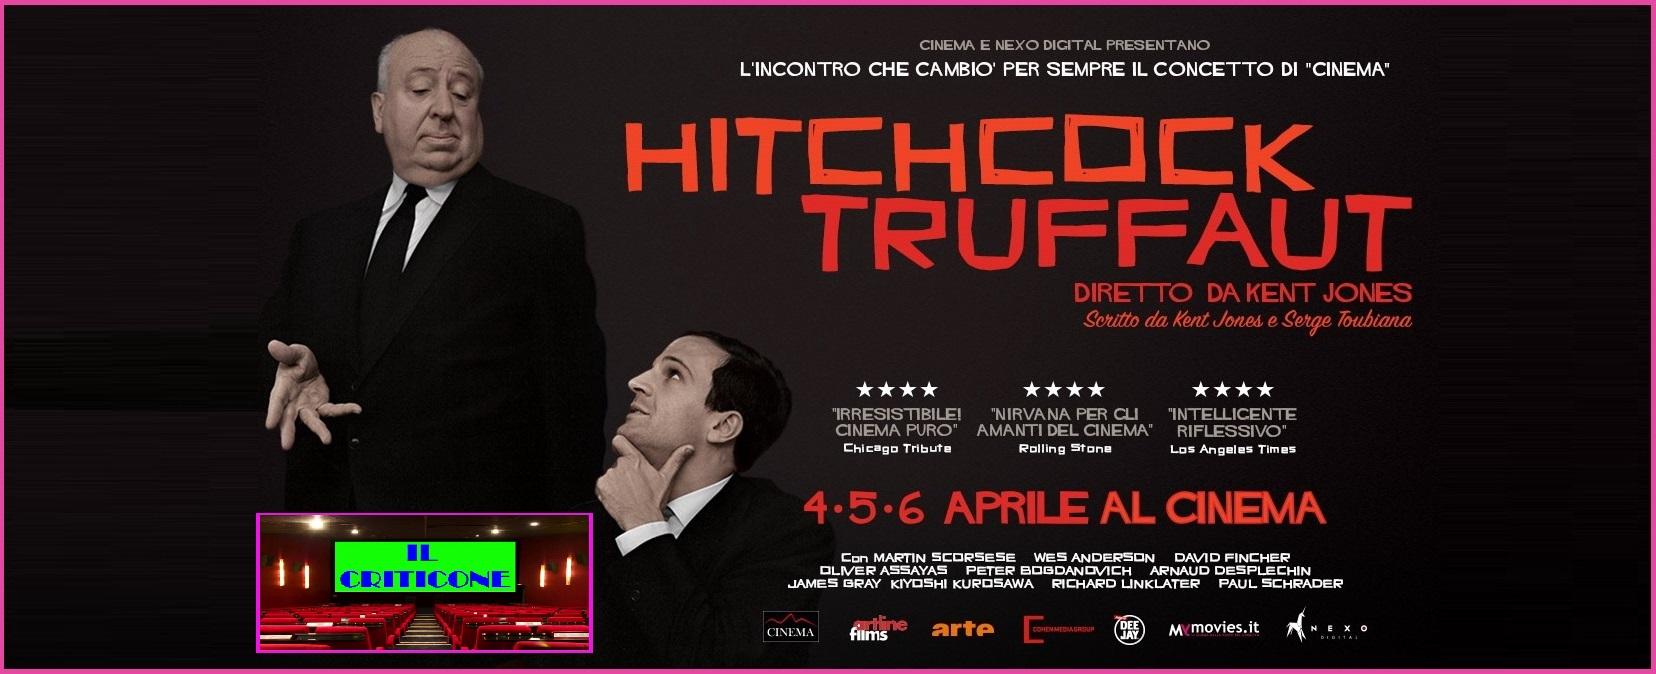 """Solo per 3 giorni, il 4-5-6 aprile è possibile vedere al cinema il bel documentario """"Hitchcock / Truffaut"""" di Kent Jones, giàpresentato all'ultima Festa del Cinema di Roma. Nel 1962 […]"""